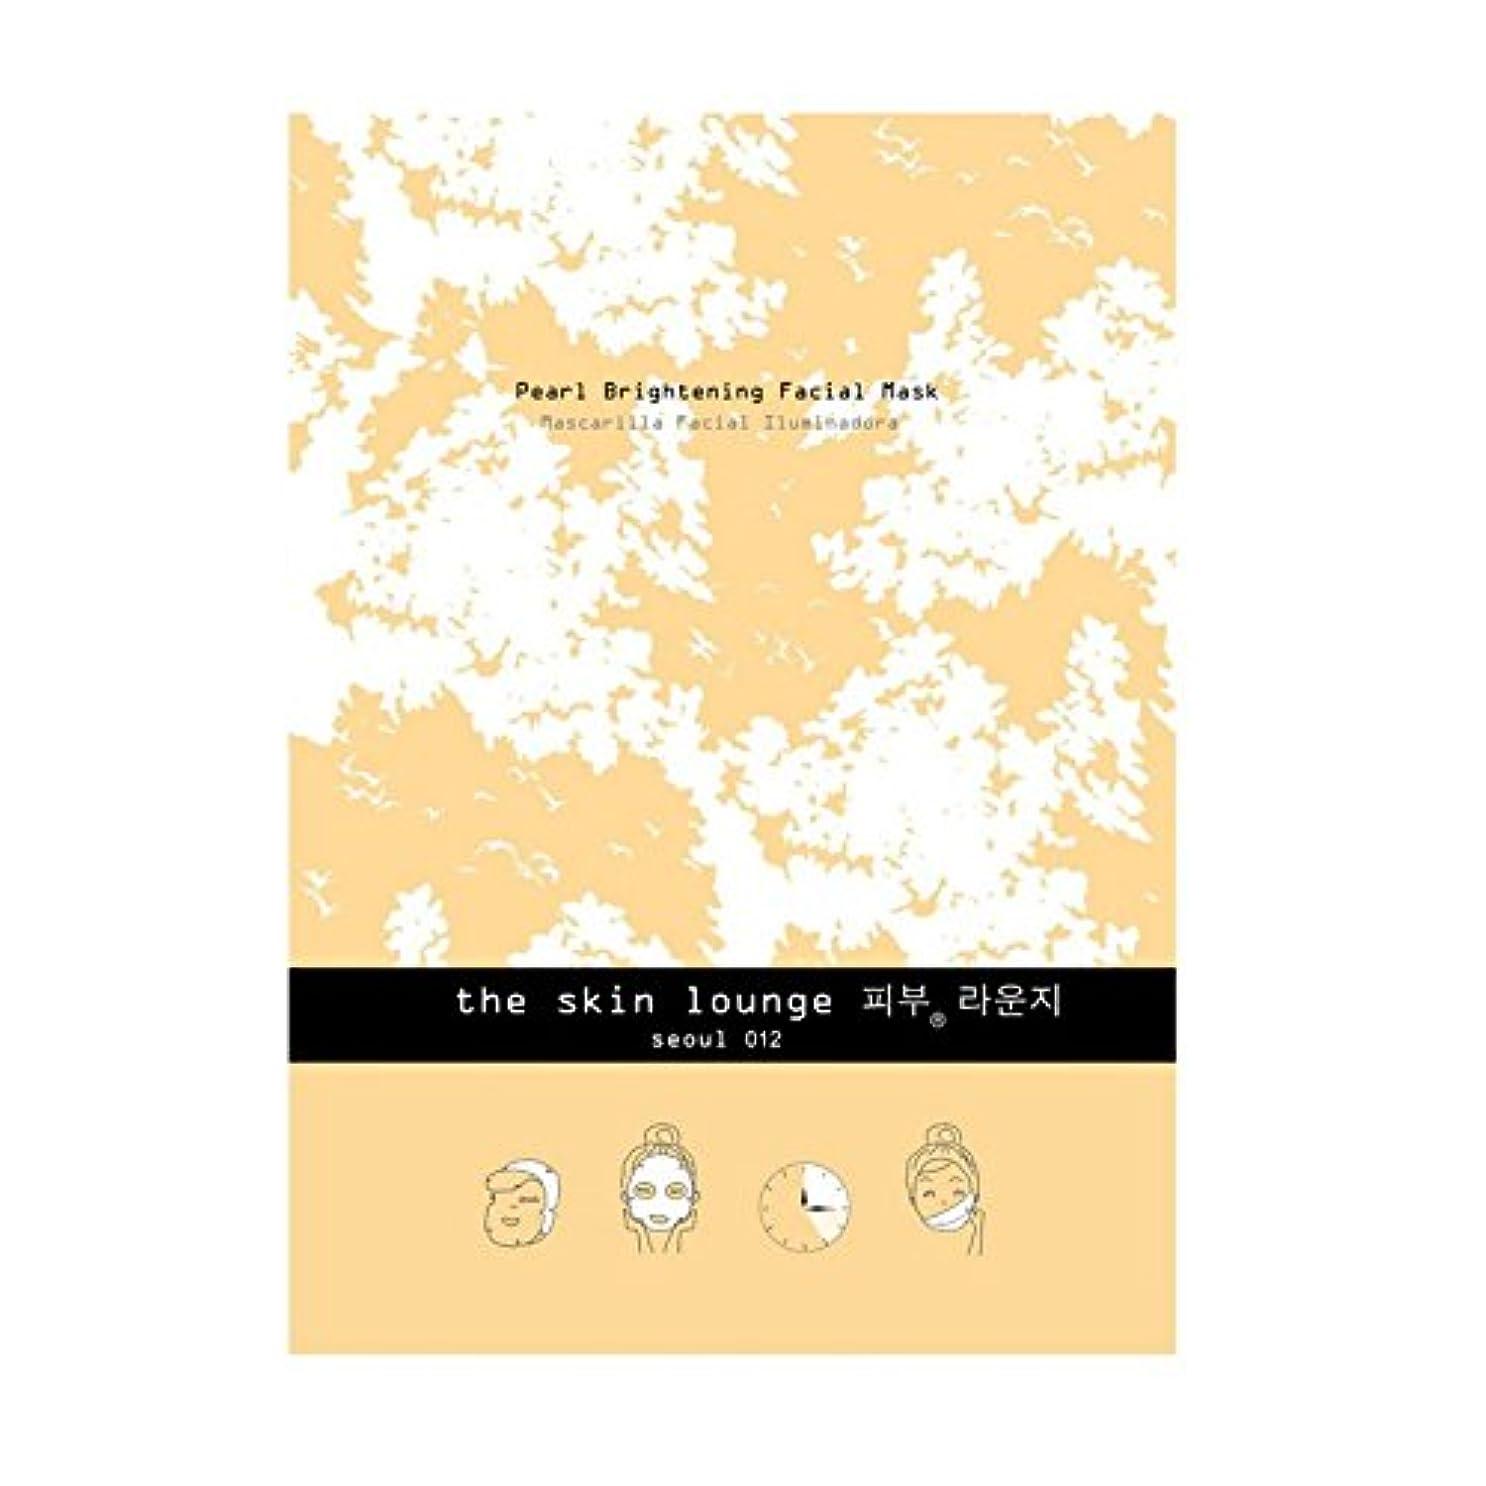 道を作る有料洪水The Skin Lounge Pearl Brightening Single Cellulose Mask - 単一セルロースマスクを明るく皮膚ラウンジ真珠 [並行輸入品]